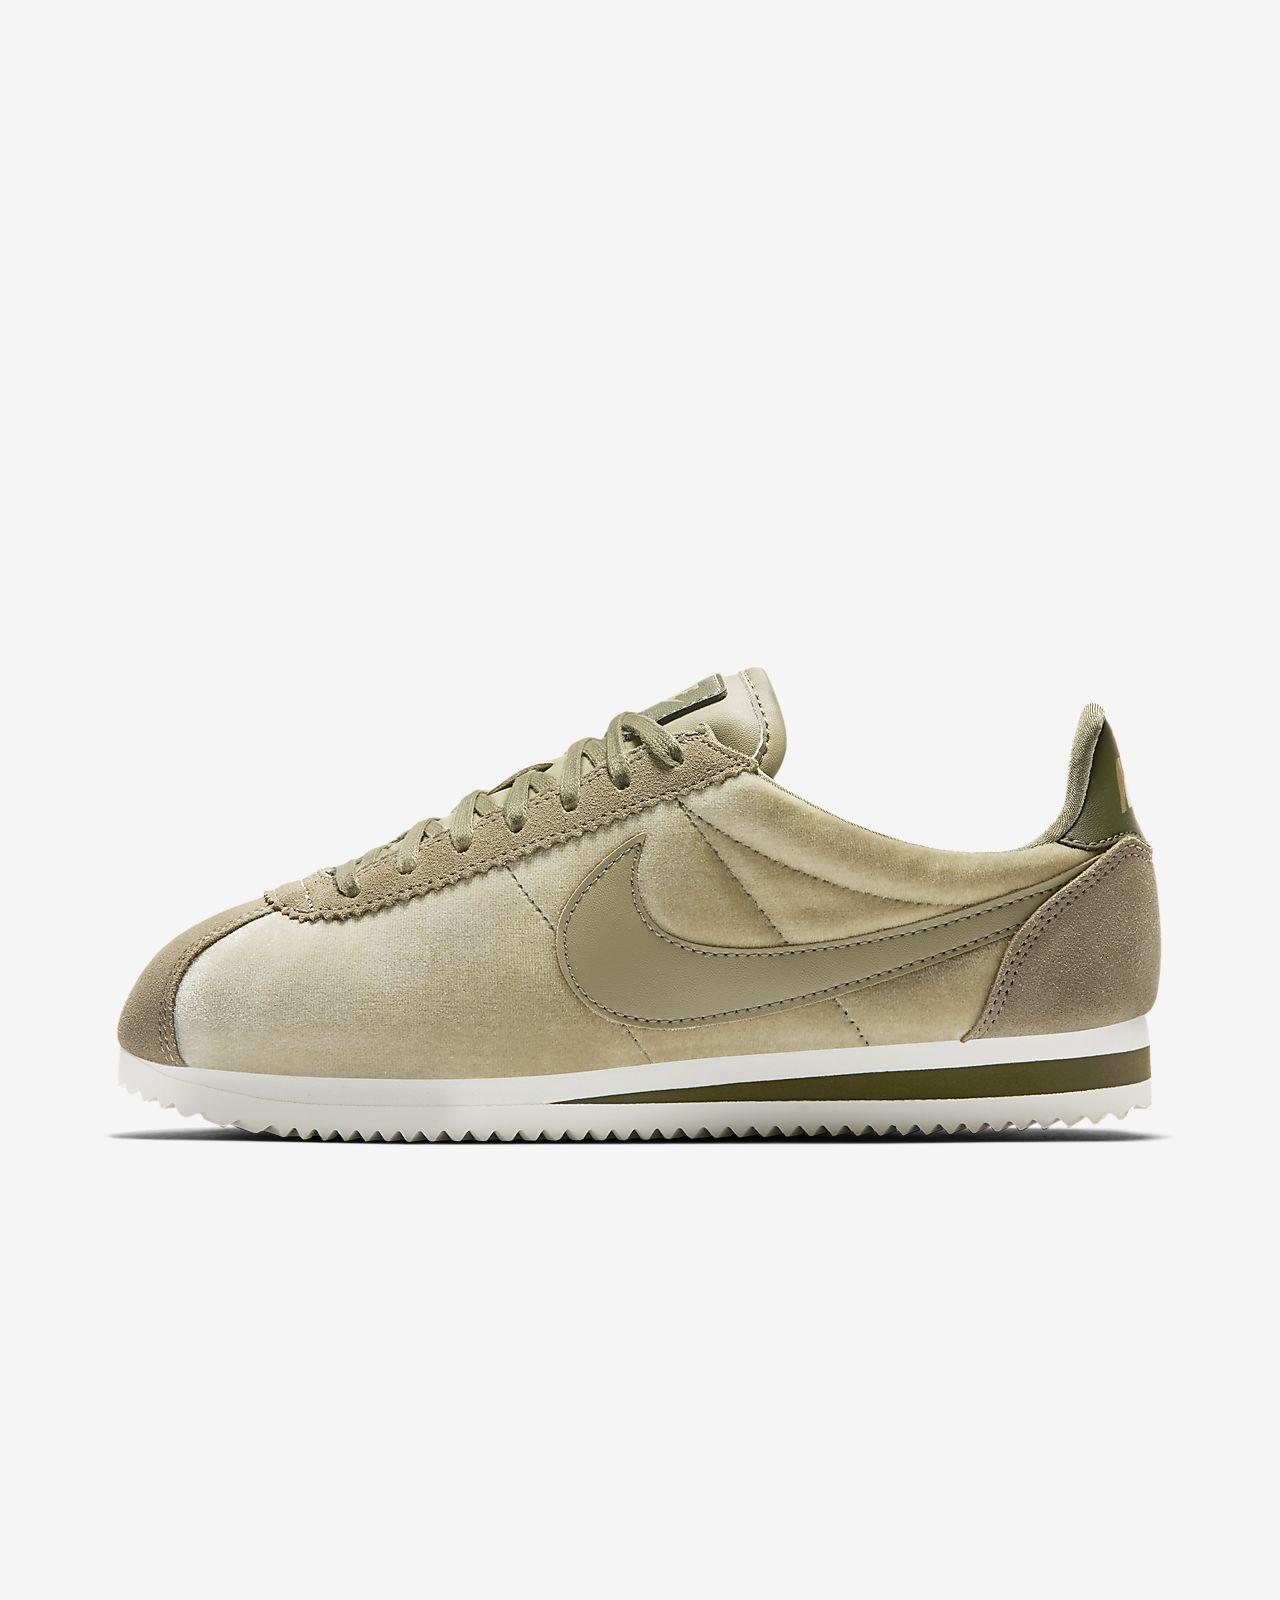 Chaussures De Cuir Sport Lage En Cuir De Classique Avec Nike Cortez lzZMj 420283